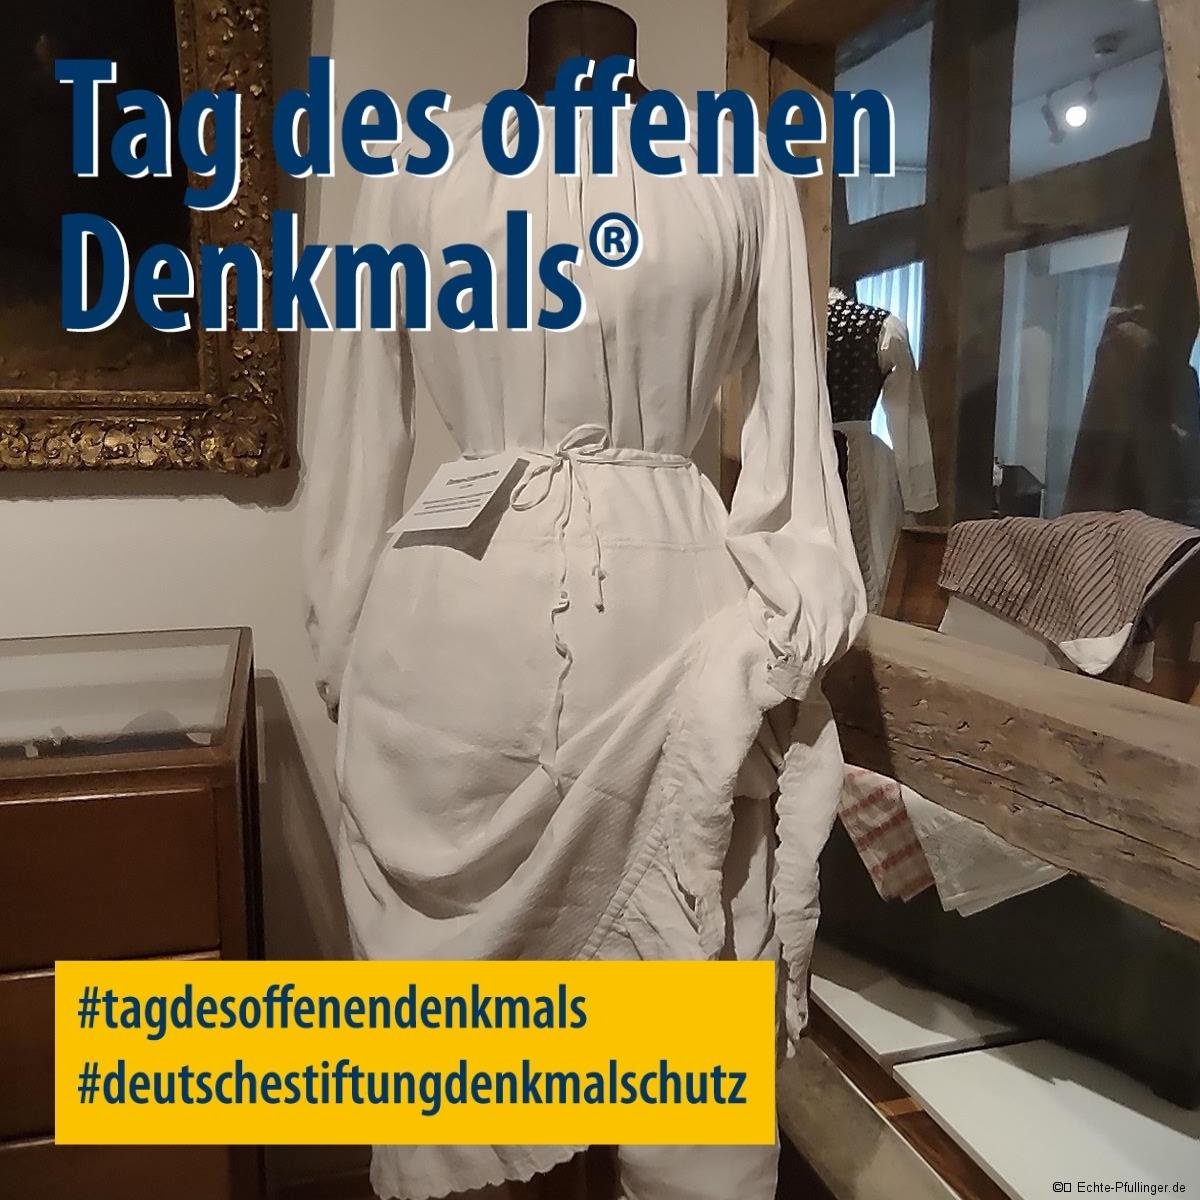 IMG_20210801_152843466-tag_des_offenen_denkmals-facebook